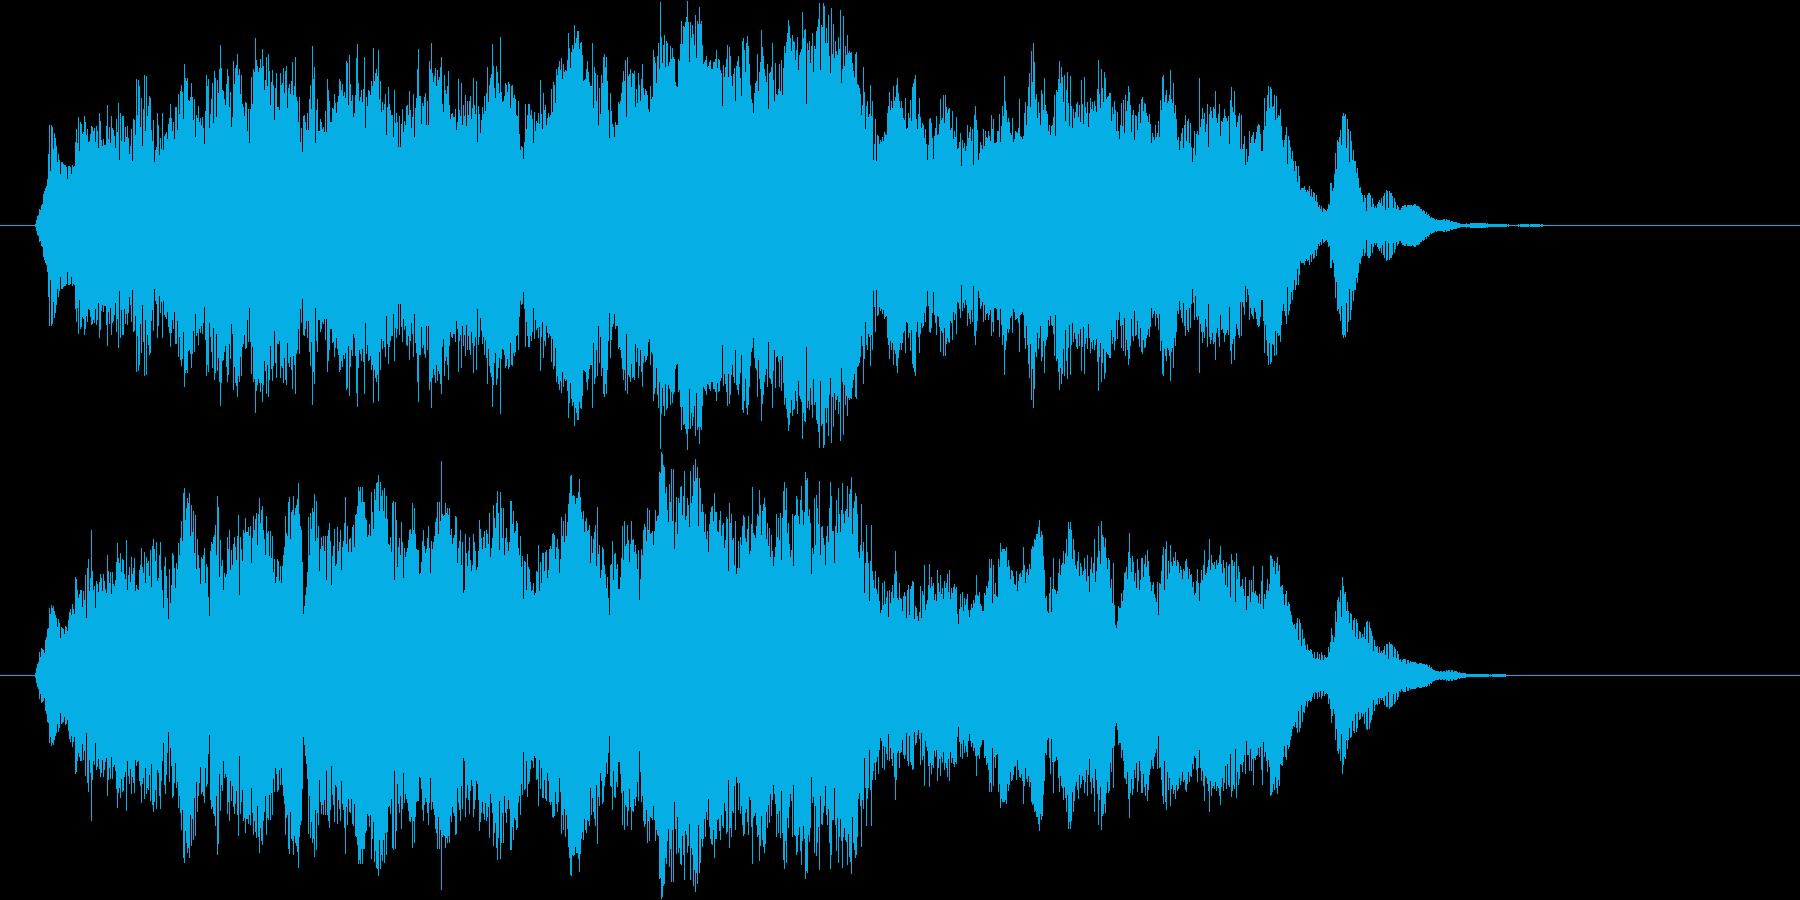 爽やかなオーケストラのエンド用ジングルの再生済みの波形